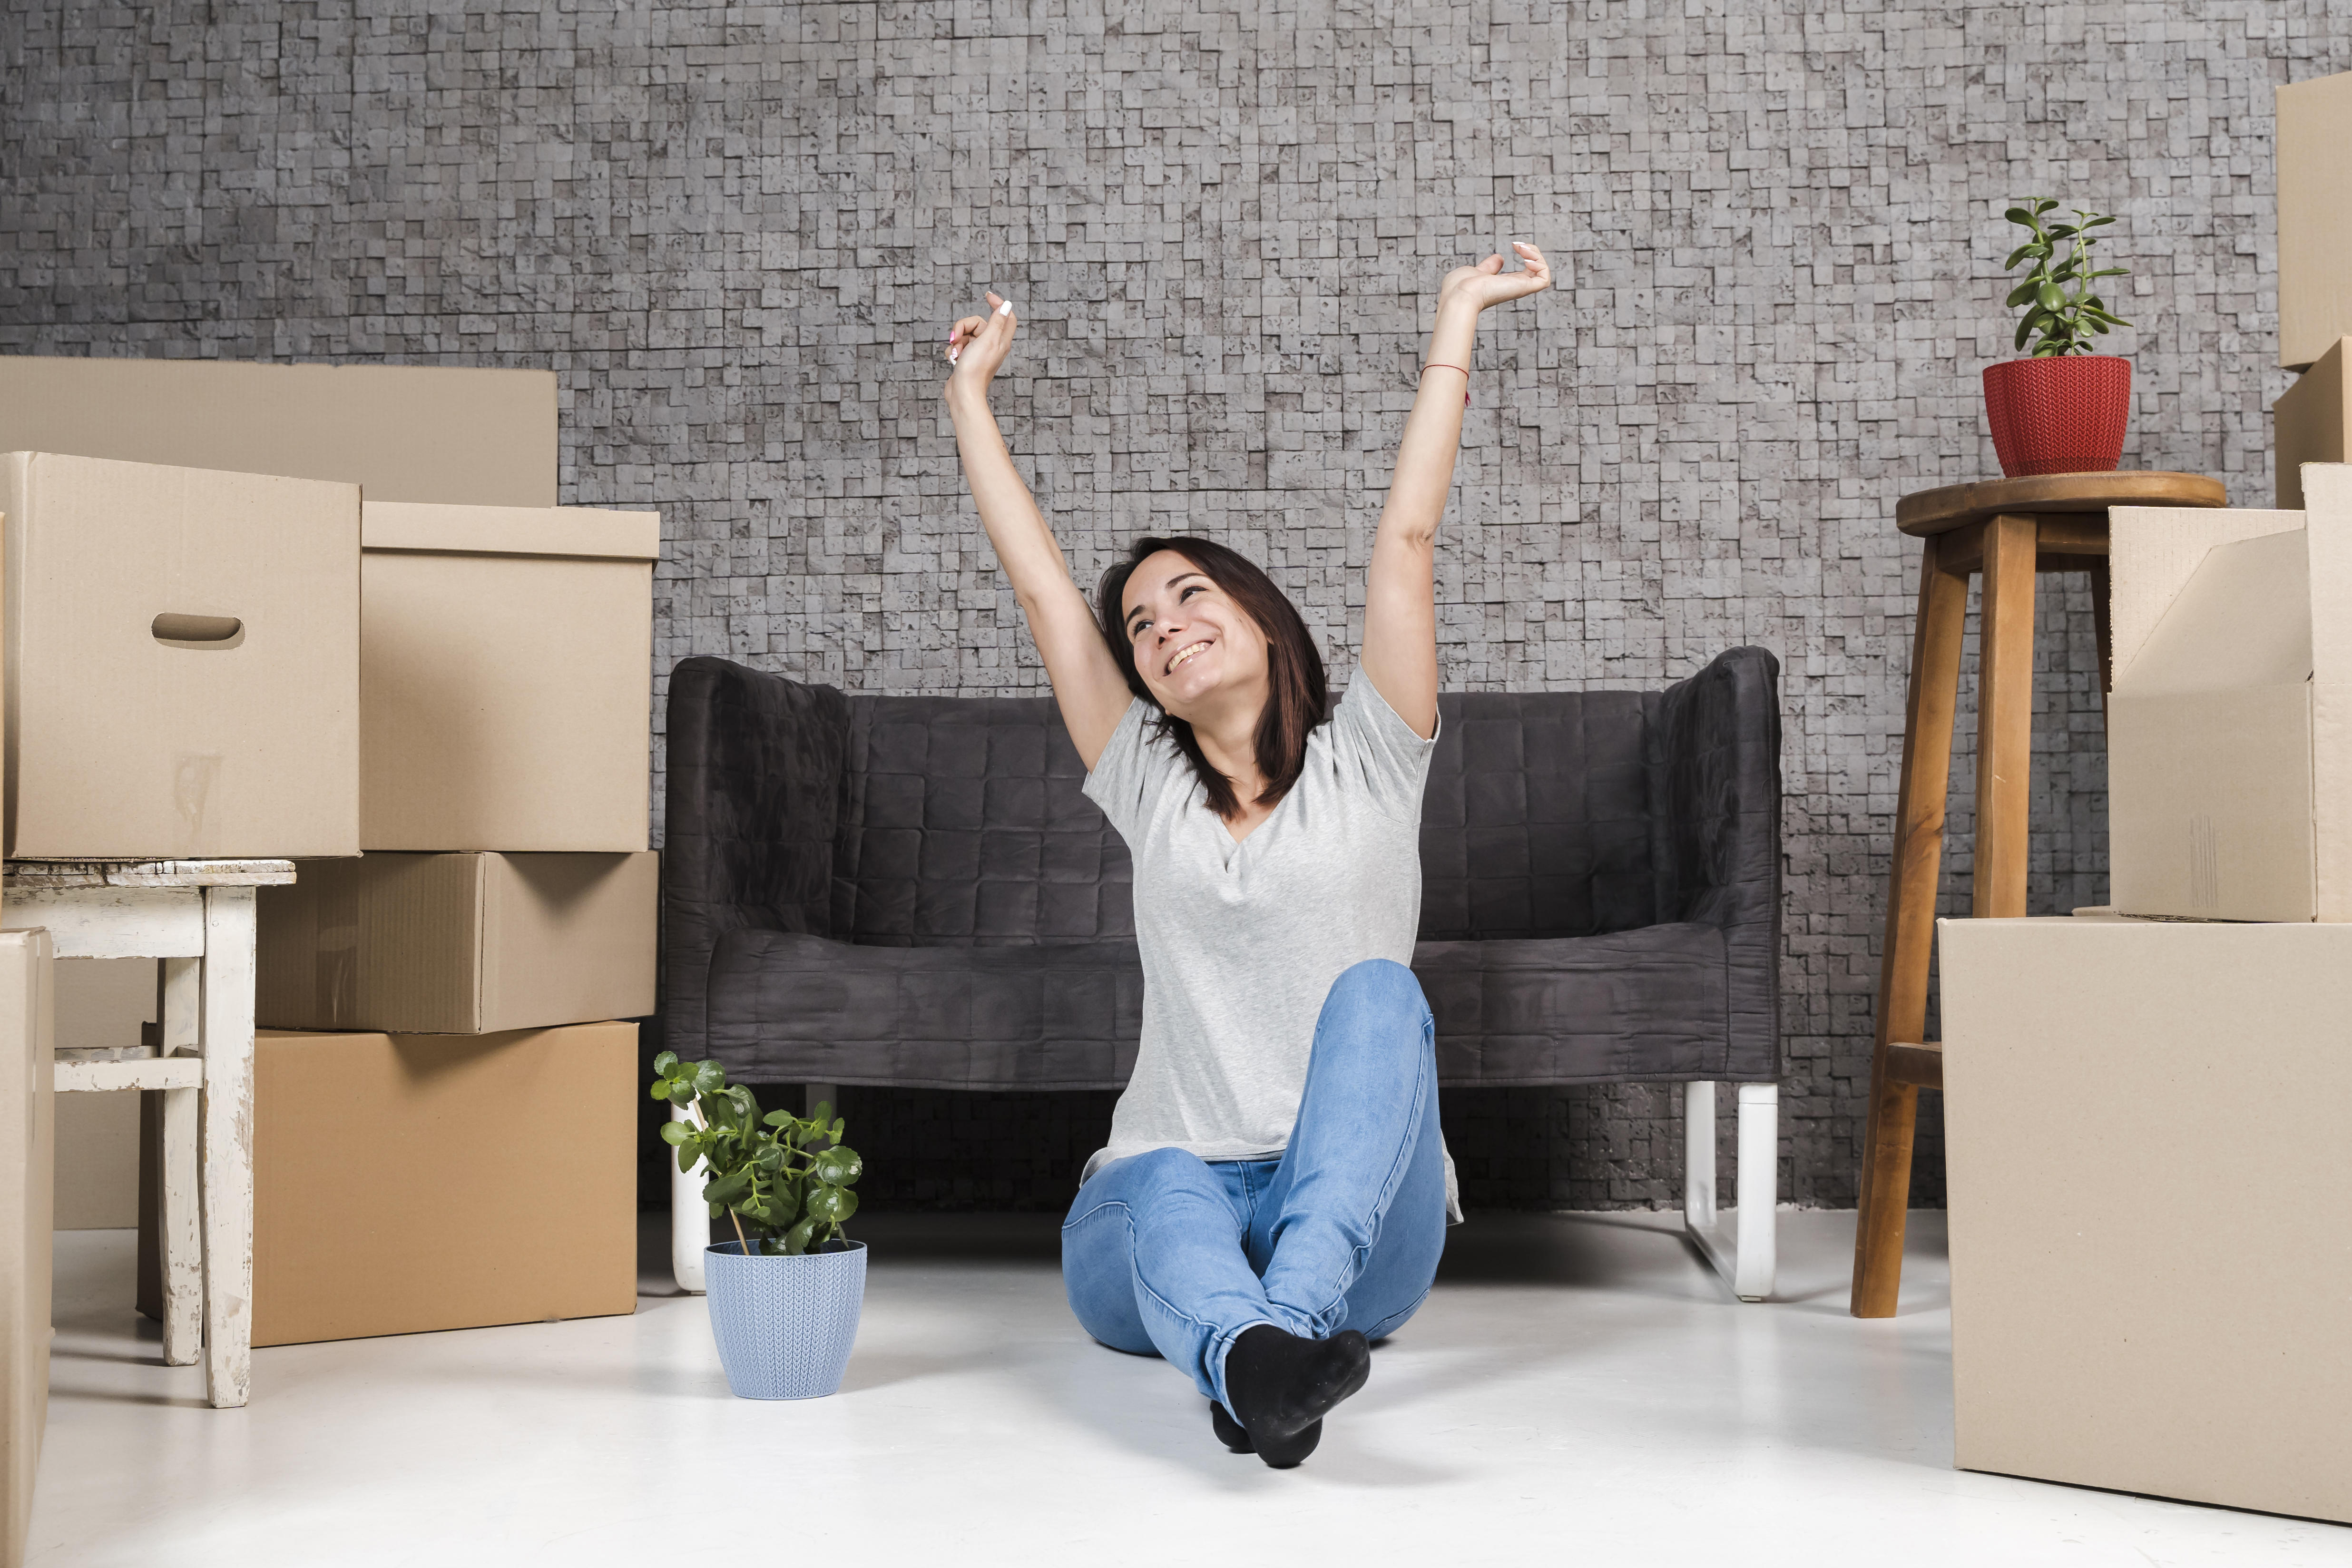 Inmobiliarias: ponen el foco en la mujer de hoy